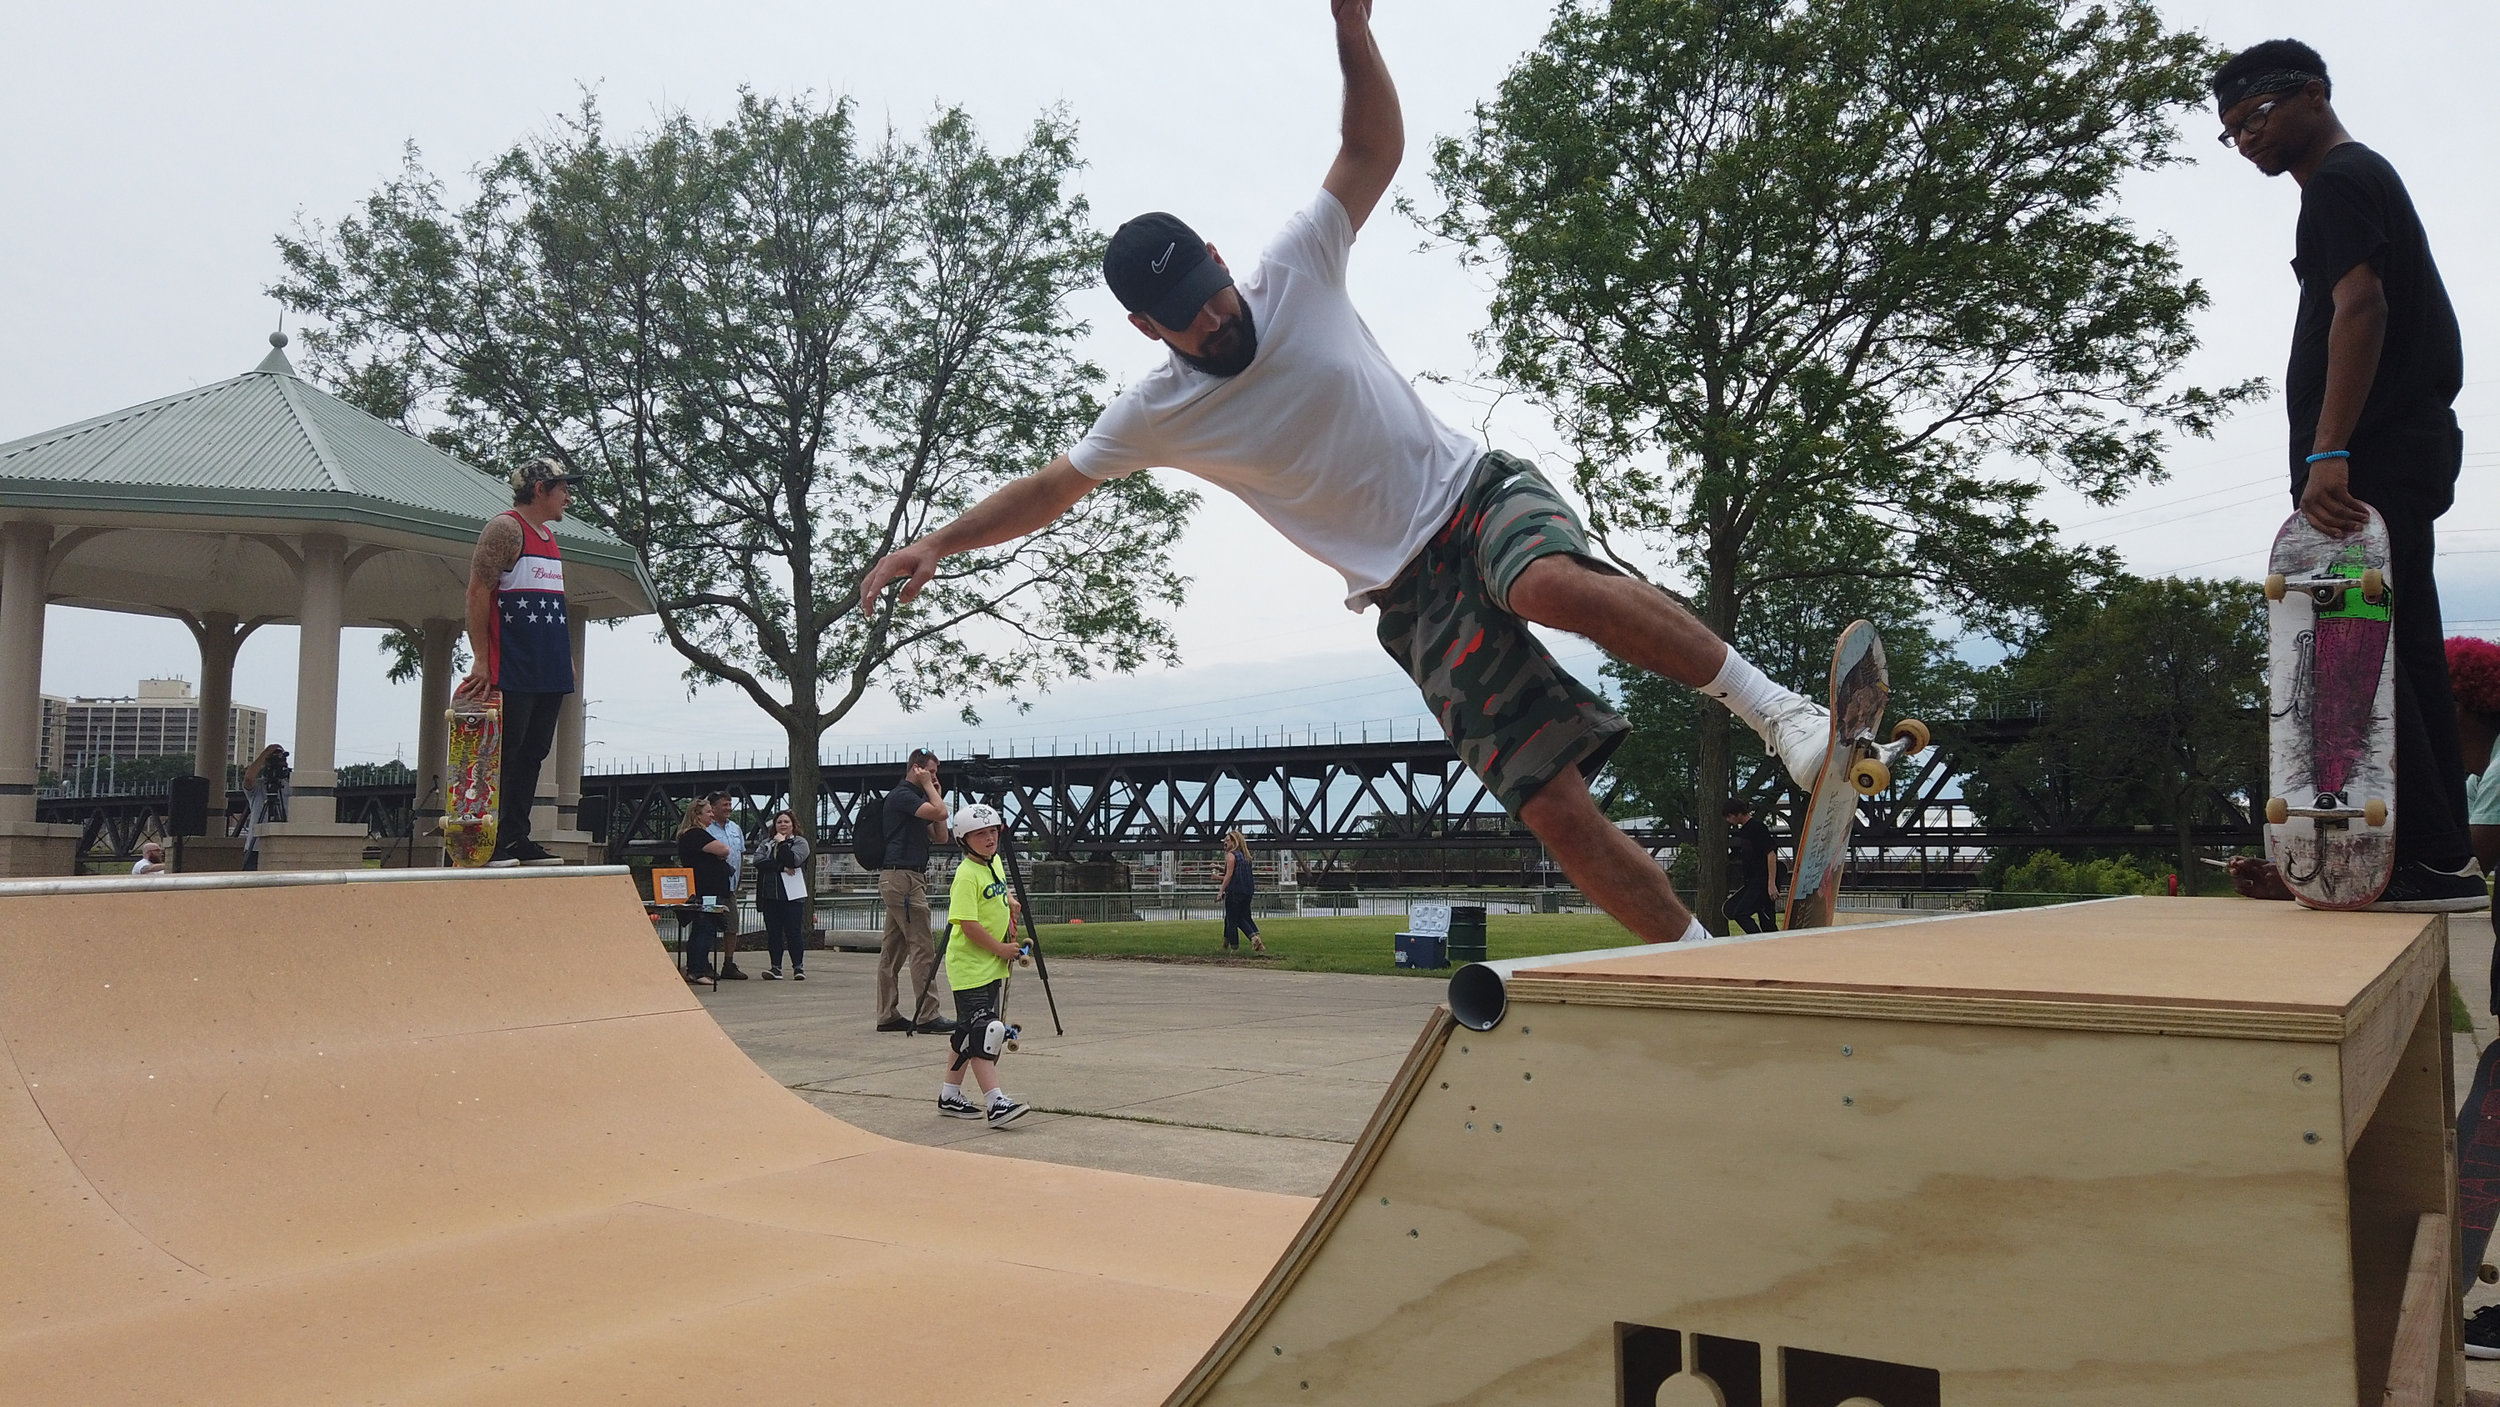 Landing_Skatepark_Opening.JPG